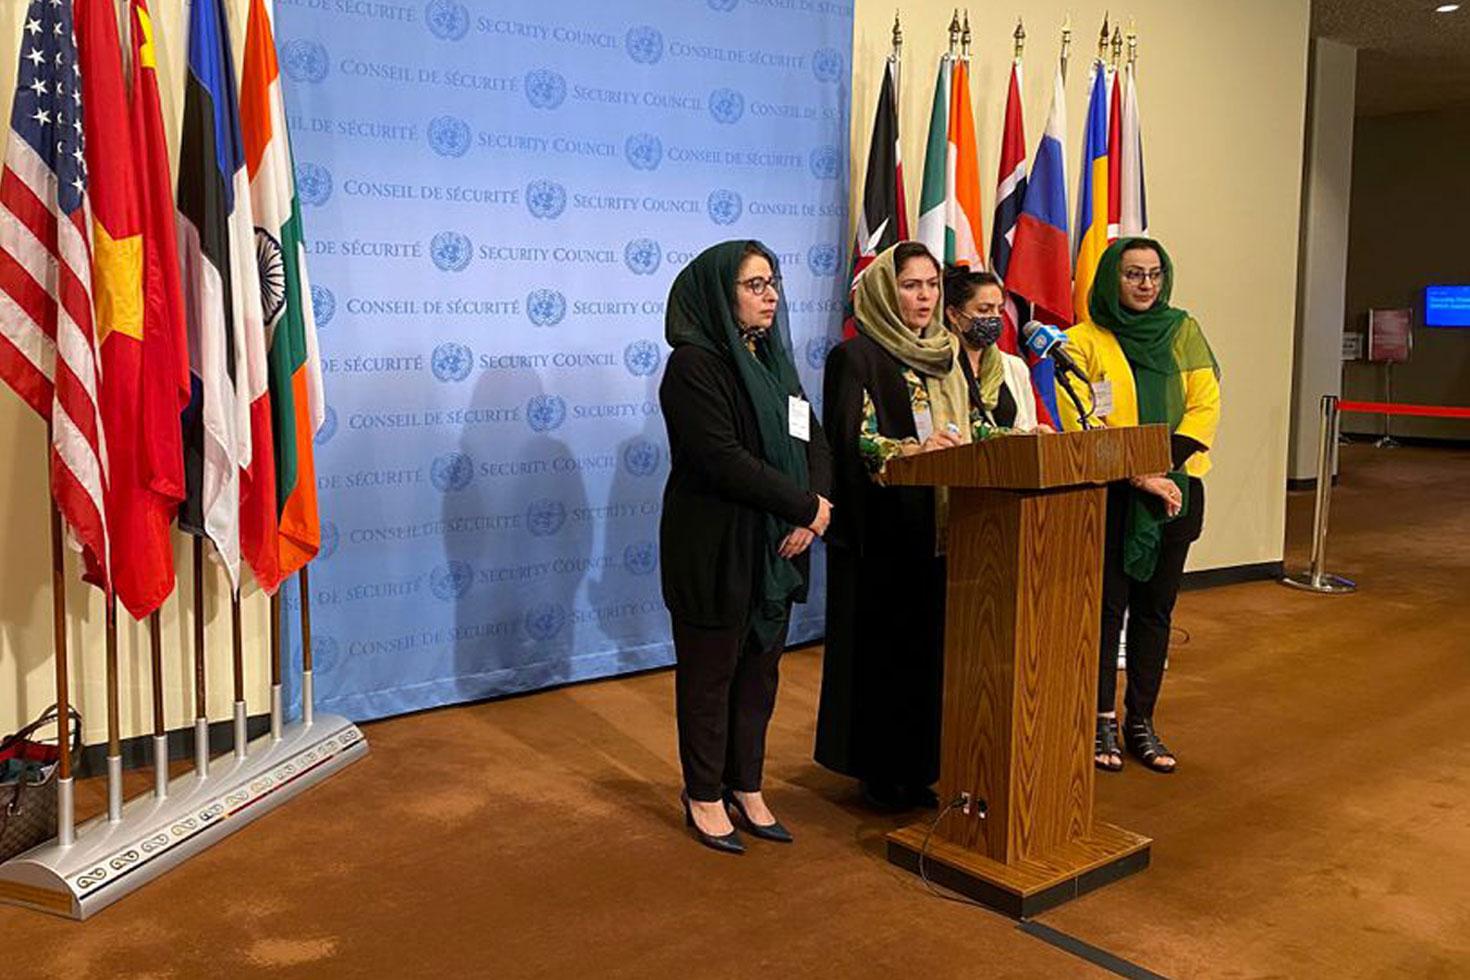 জাতিসংঘে তালেবান রাষ্ট্রদূত চায় না আফগান নারীরা